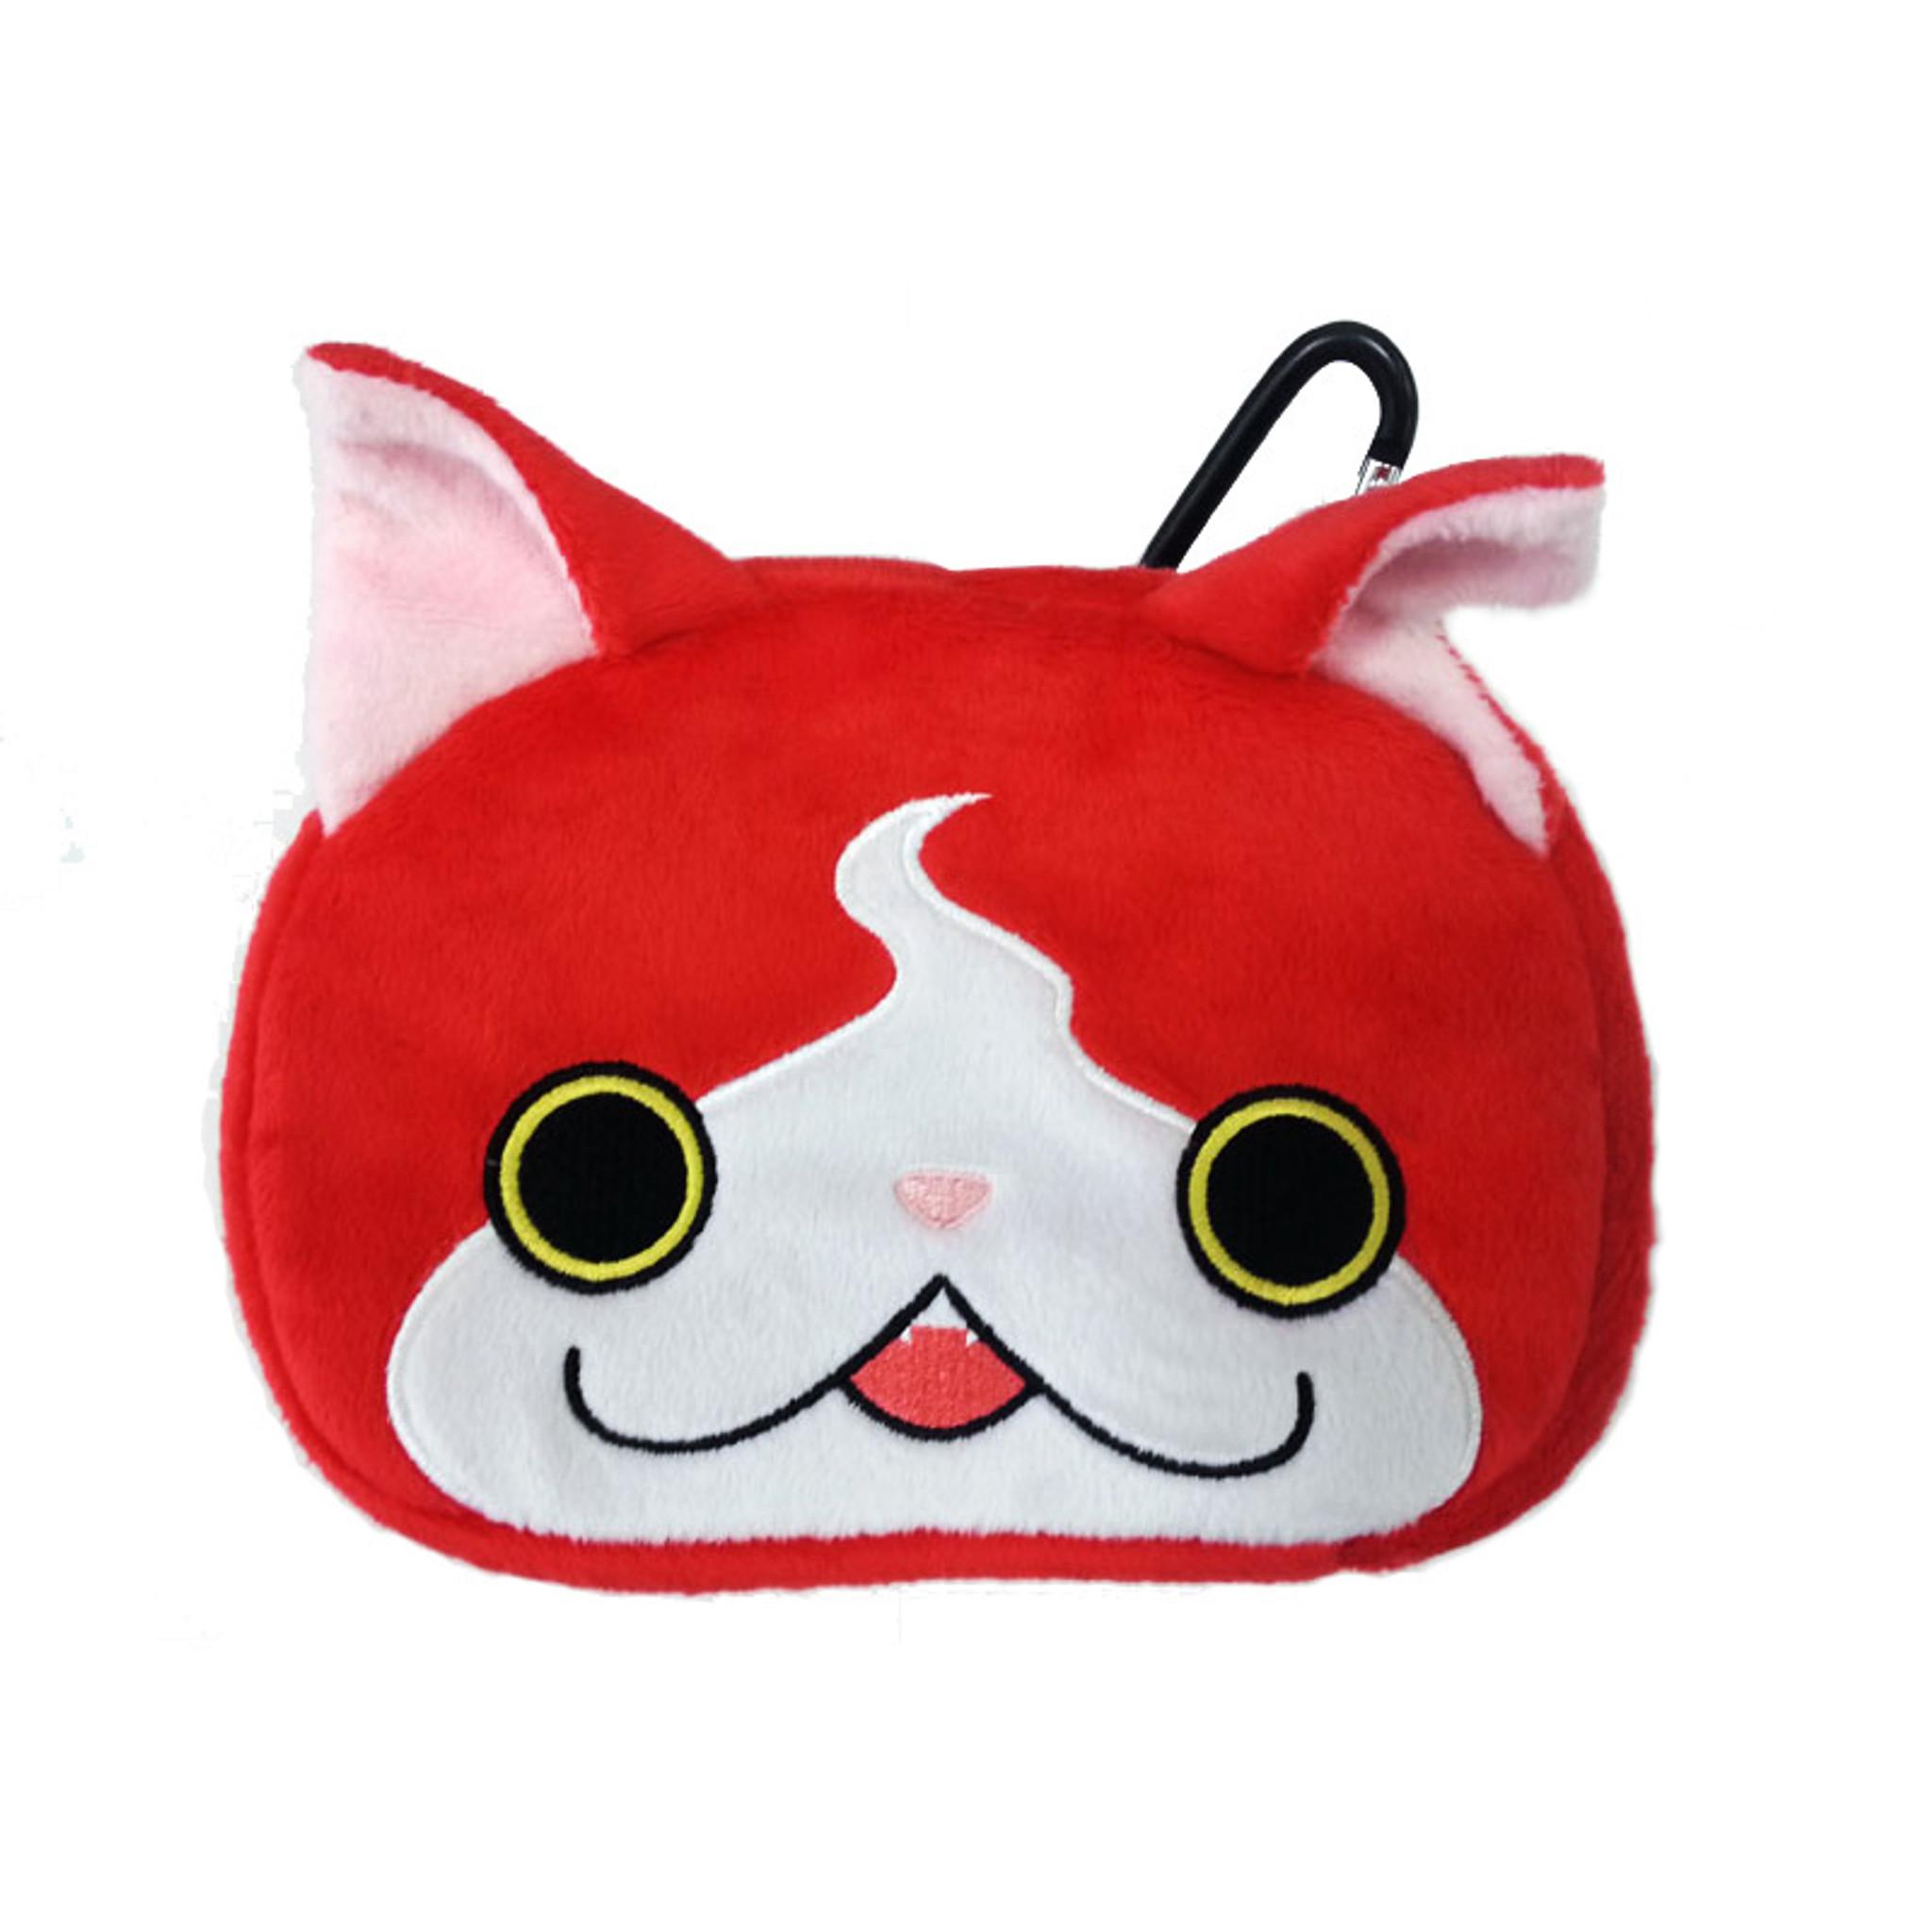 Yo-Kai Watch Plush Character Pouch (Jibanyan) for New Nintendo 3DS XL